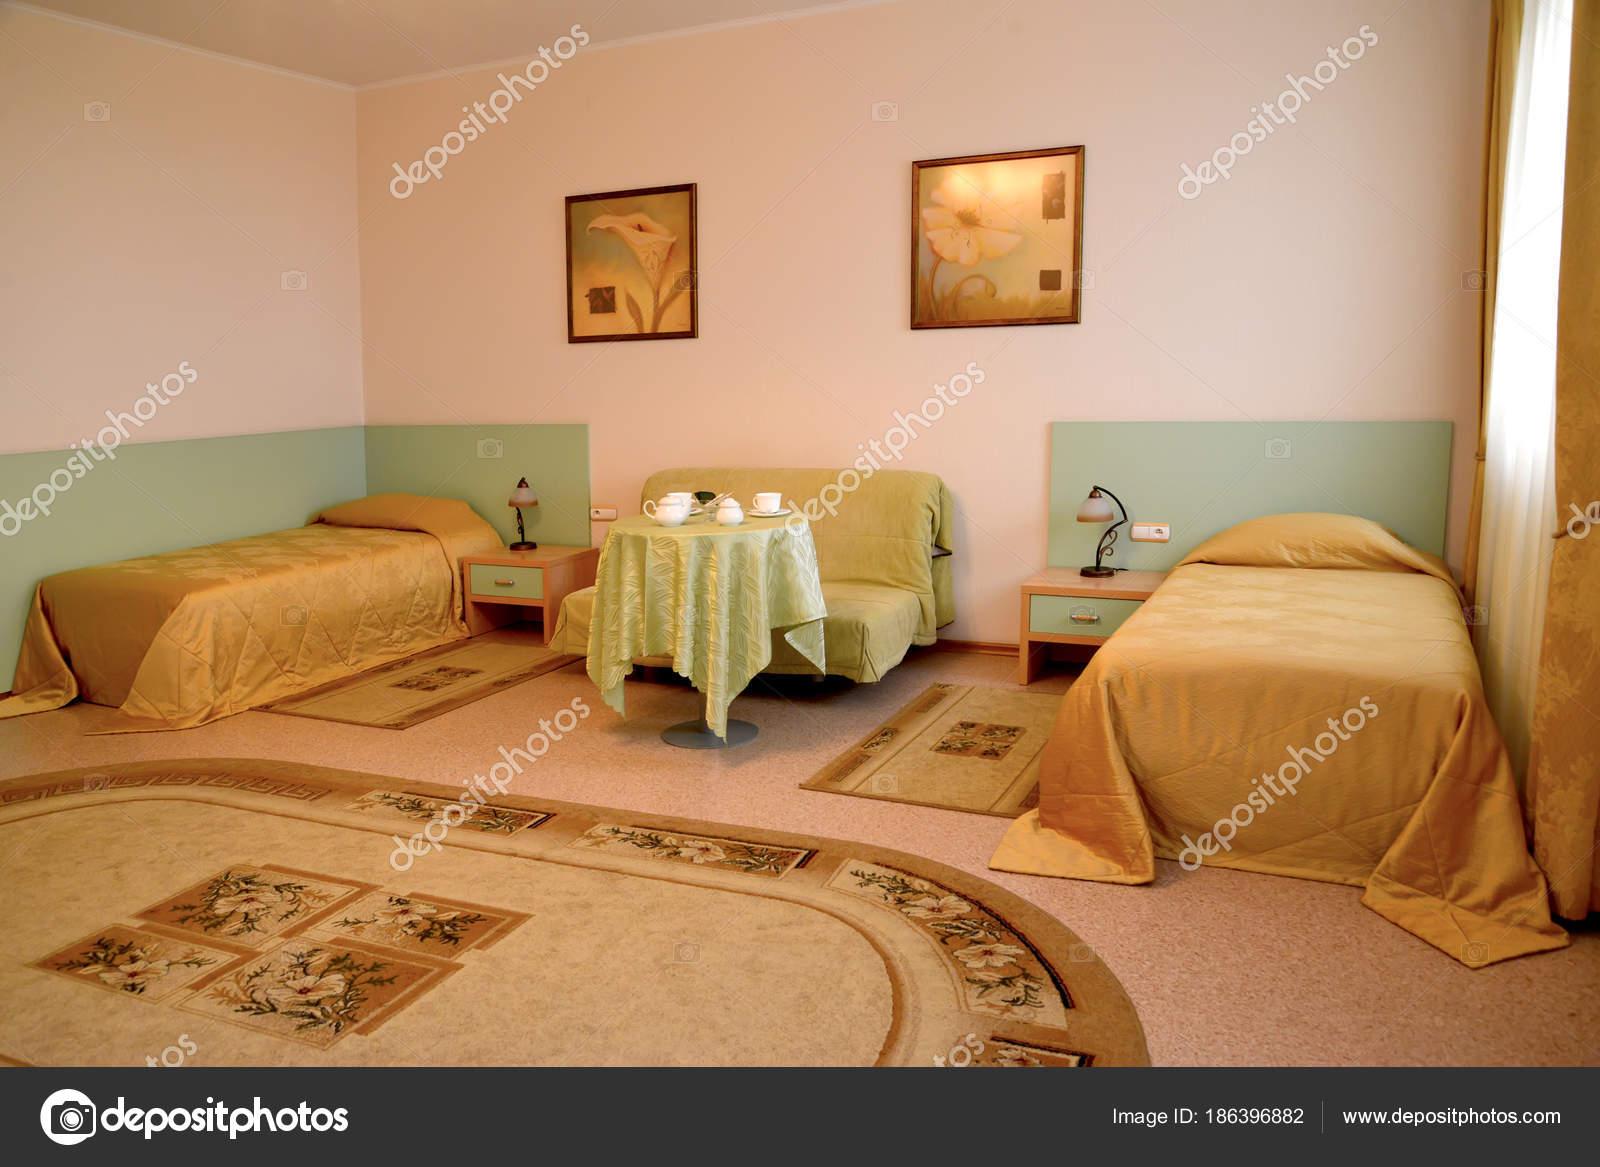 Ein Schlafzimmer-Interieur mit zwei Betten und ein Sofa in warmen ...